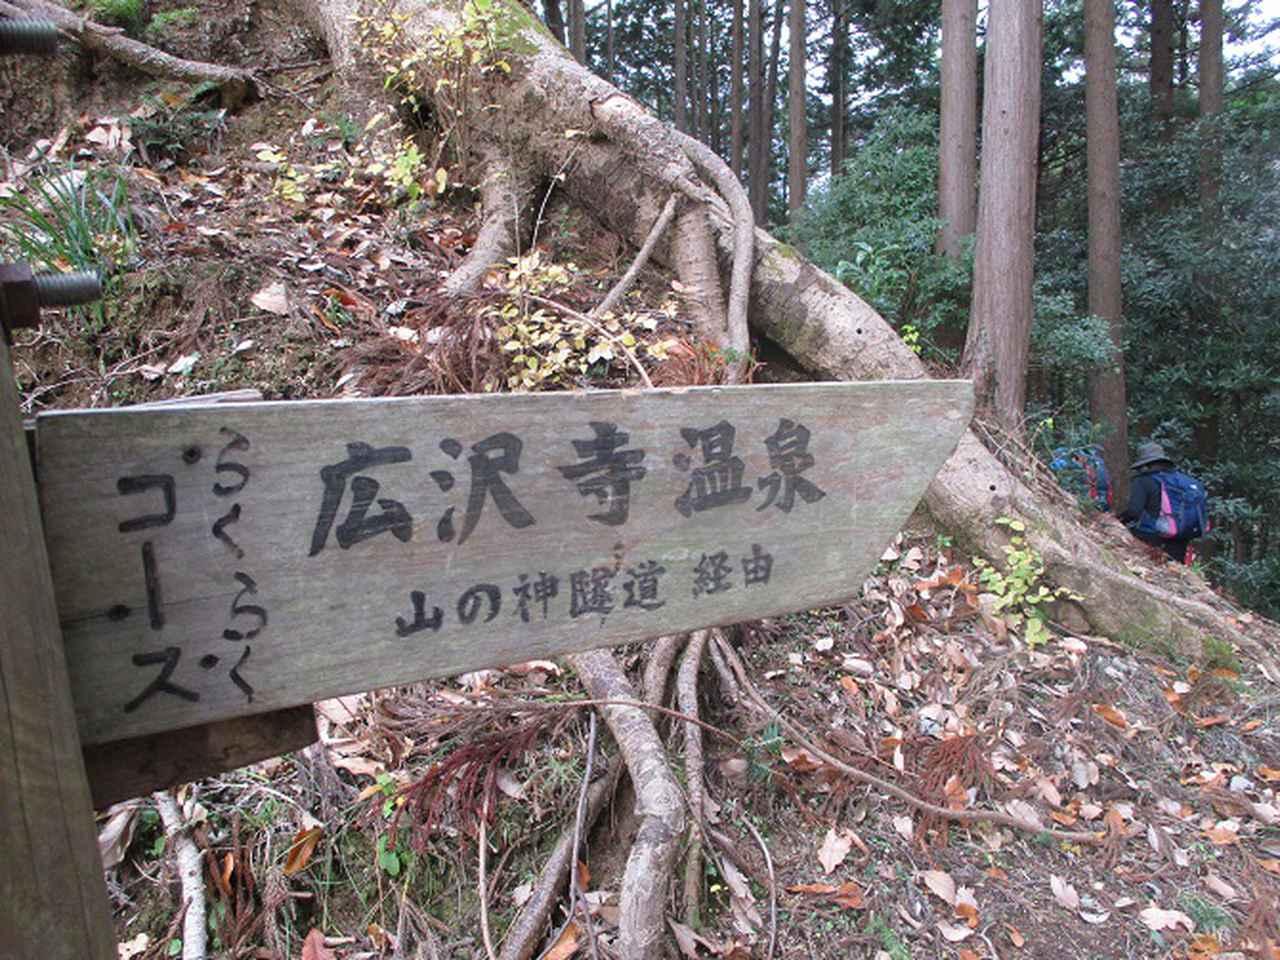 画像6: 12月13日に岡田ガイドのコースで 鐘ヶ岳 ツアーに行ってきました!